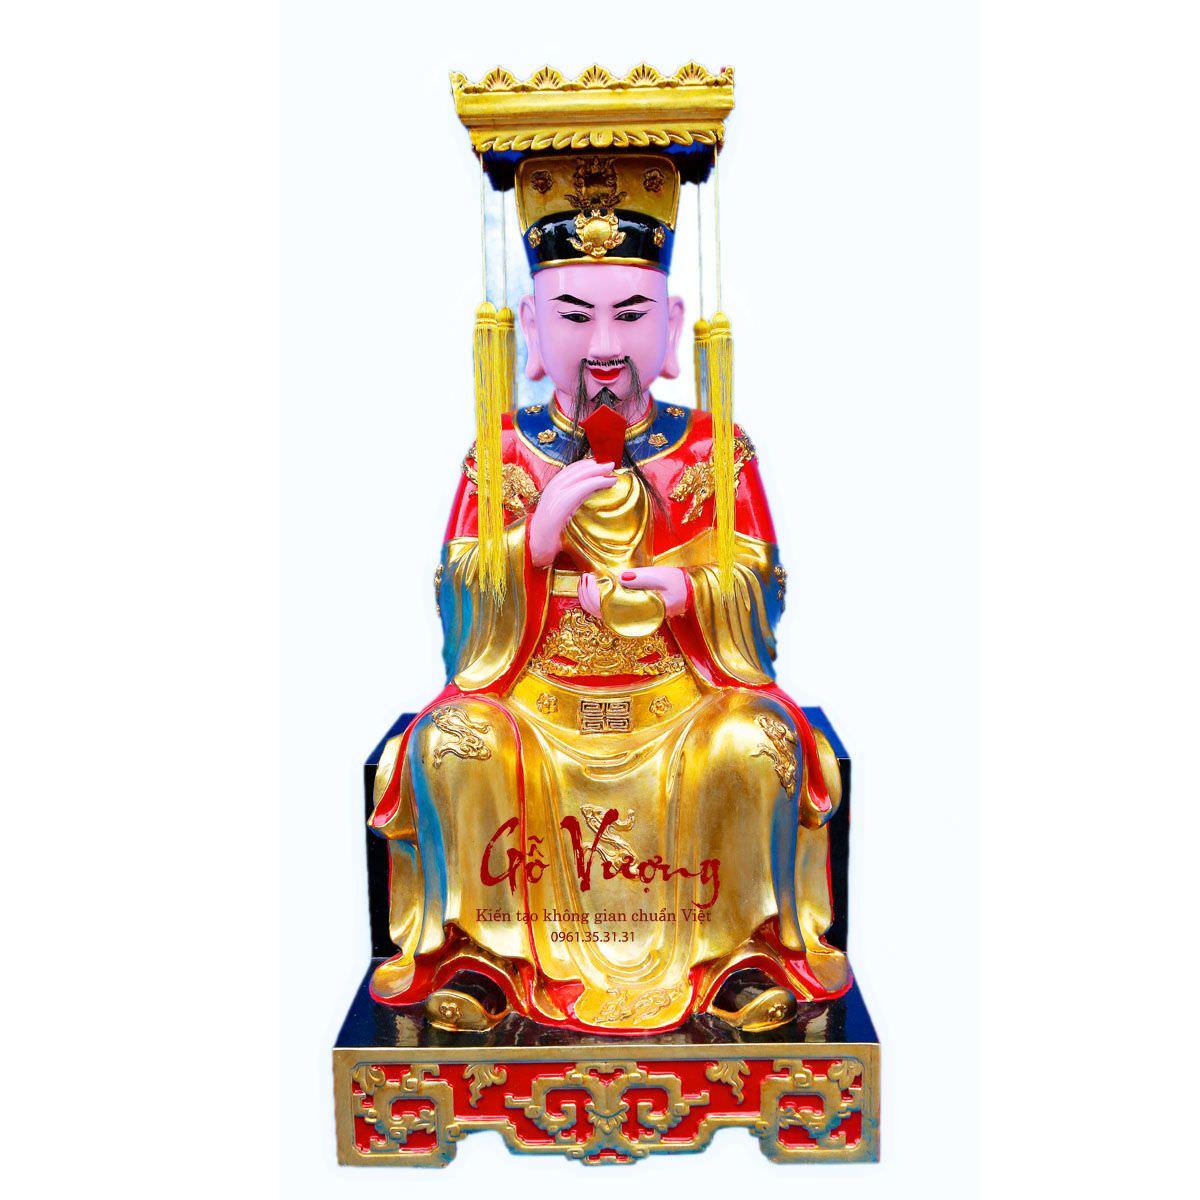 Tim Hieu Ve Vua Cha Ngoc Hoang